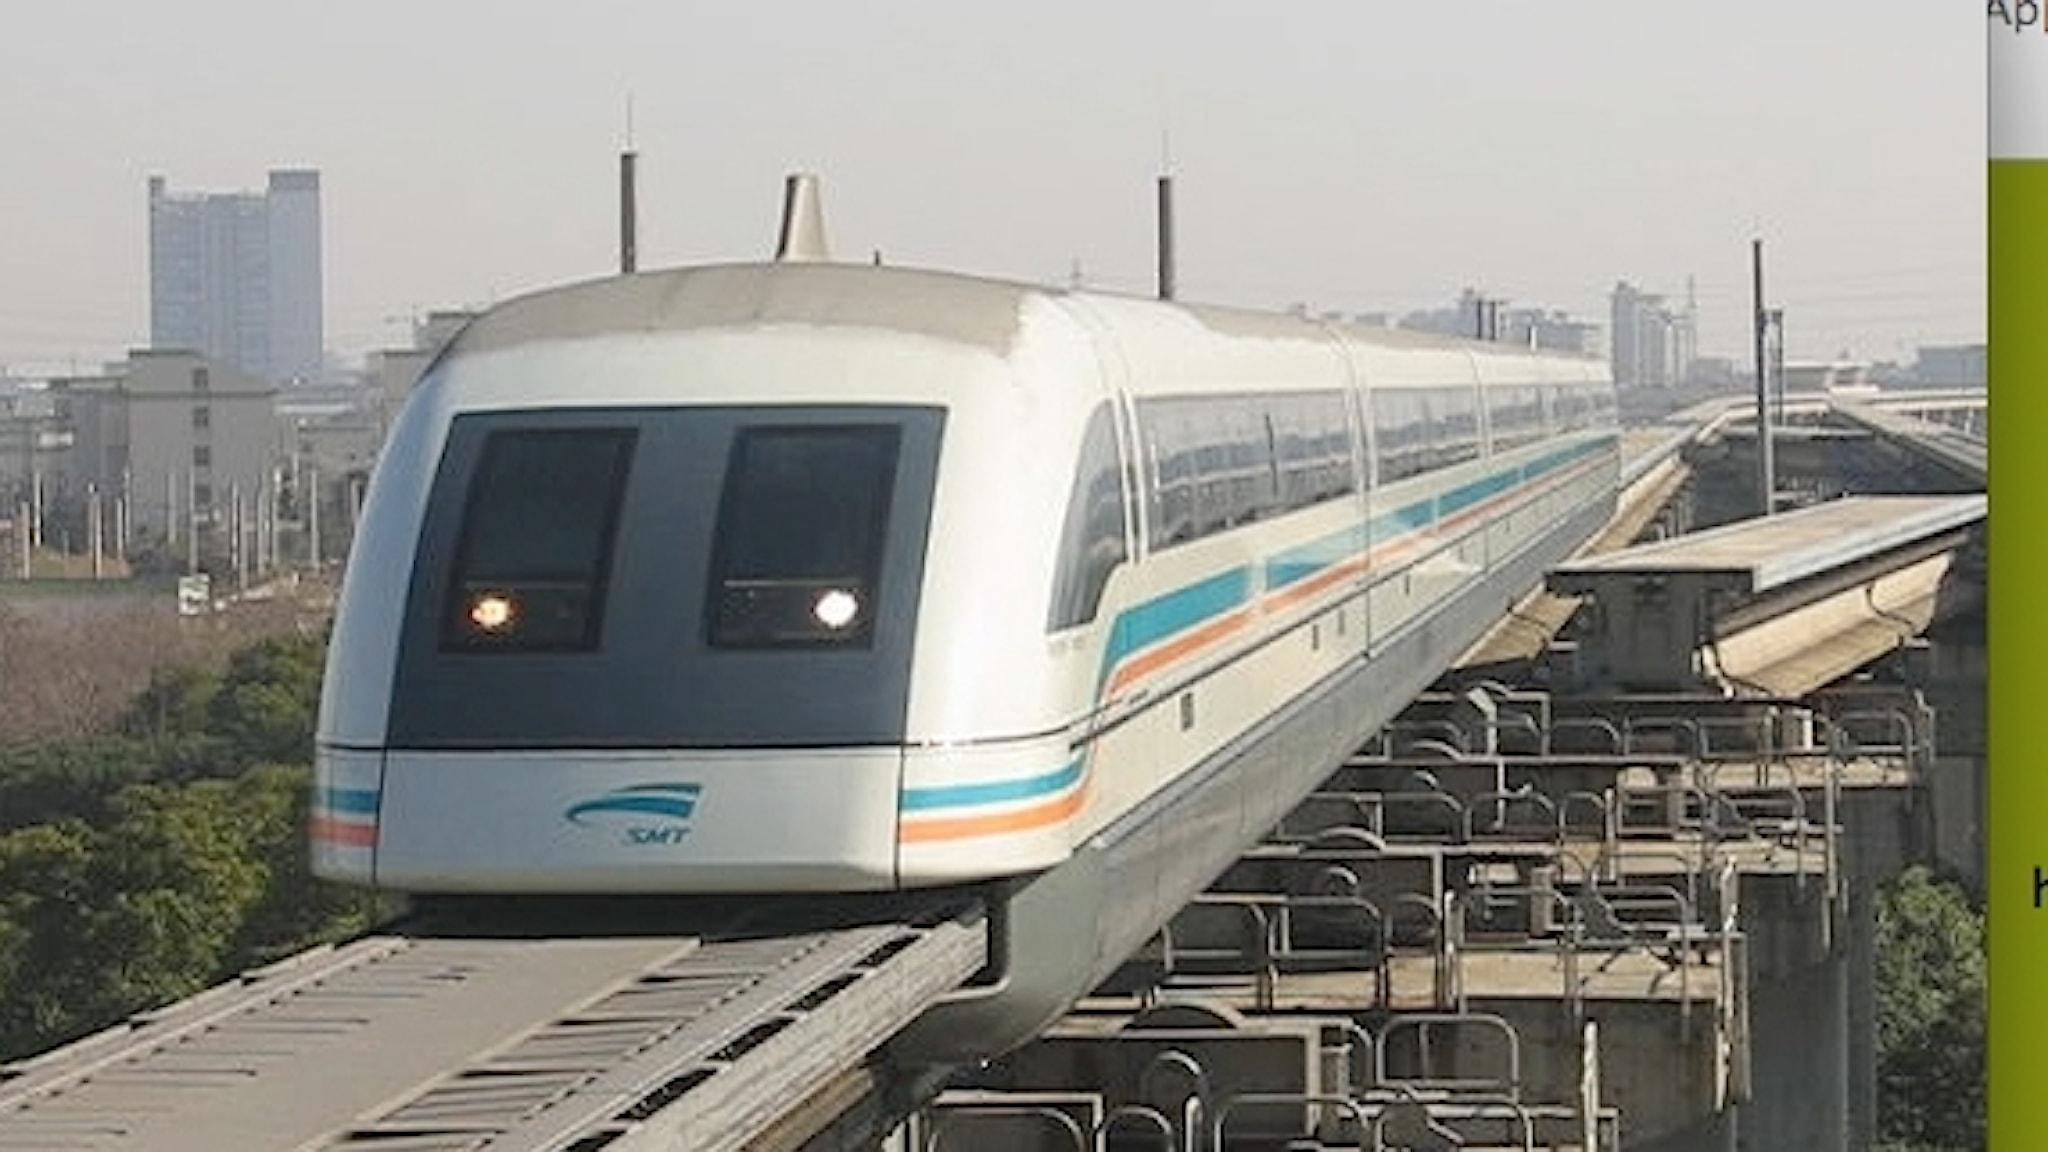 Maglevtåg som åker på en bred platt bana istället för räls